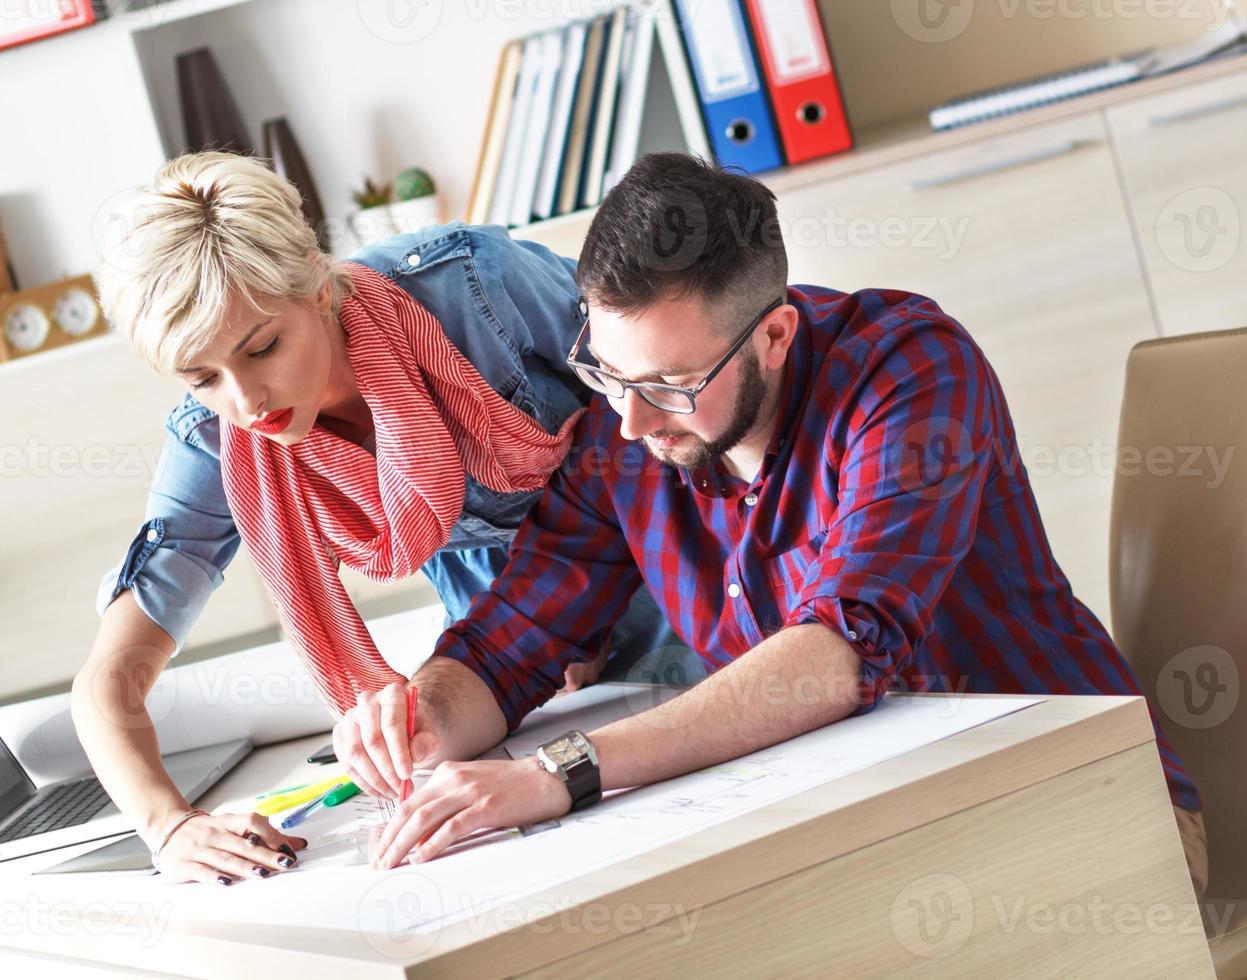 giovani designer che lavorano su un nuovo progetto in carica. foto